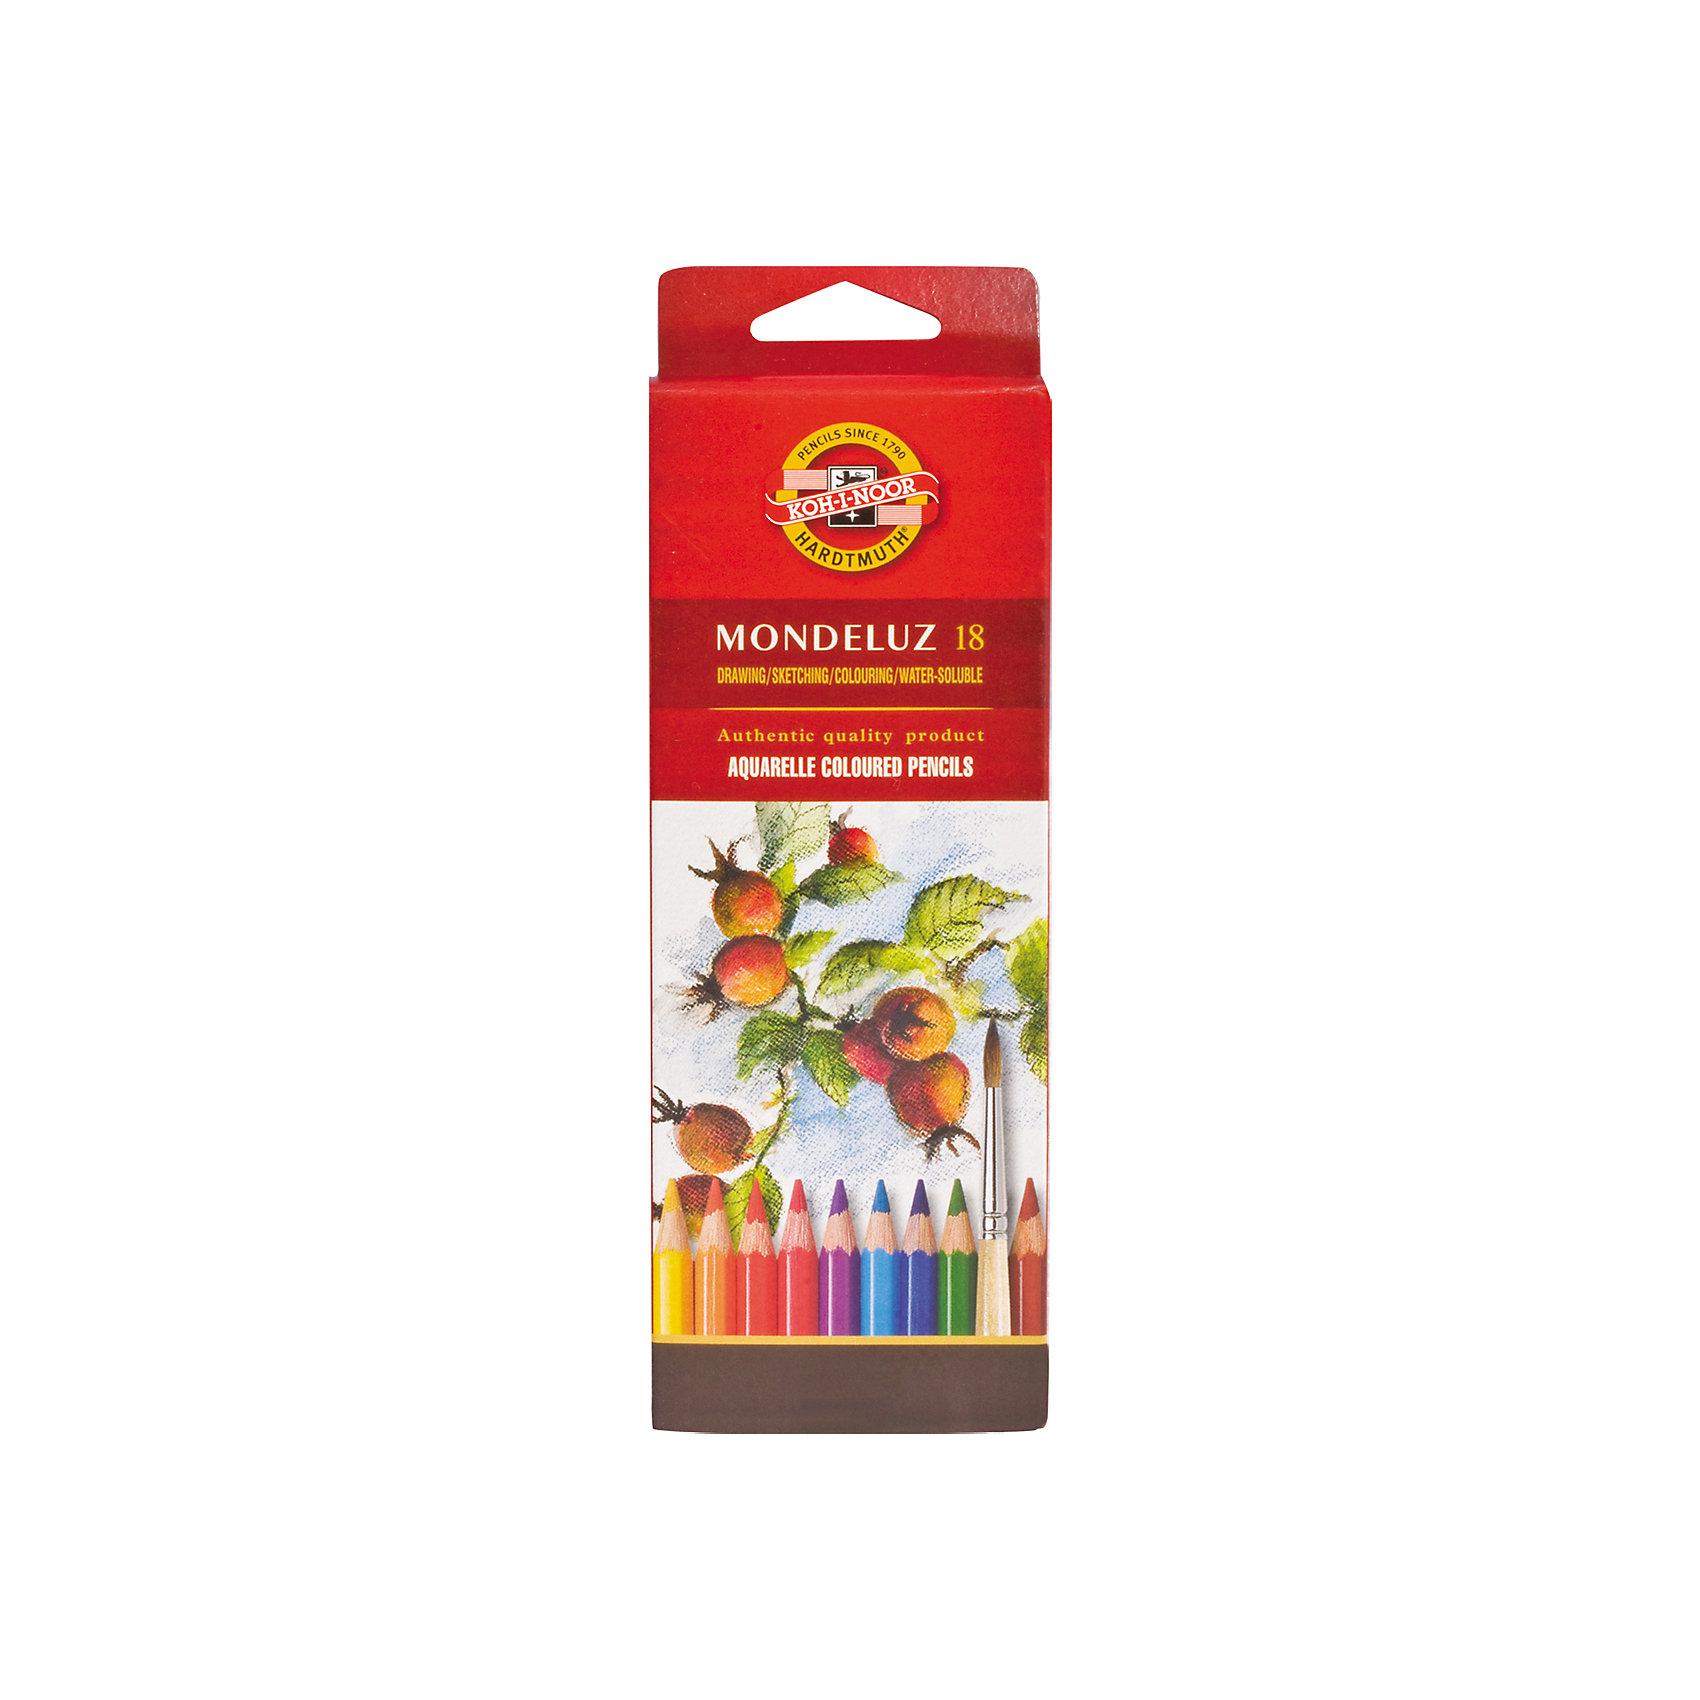 Цветные карандаши акварельные Mondeluz, 18 цв., KOH-I-NOORПрофессиональные цветные карандаши высокого качества. Предназначены для использования в графическом искусстве, где важна чёткая передача цвета и линий. Абсолютная чистота, насыщенность и равномерность цвета по всей поверхности рисунка.<br><br>Дополнительная информация: <br><br>- Высококачественные цветные чешские карандаши для художественных работ, при размывании водой создают эффект рисунка акварелью.<br>- 18 ярких цветов в наборе.<br>- Акварельный эффект под воздействием воды.<br>- Изготовлены из кедра специальной породы.<br>- Легко затачиваются.<br>- Размер упаковки: 6,6х20х1,6 см. <br>- Вес в упаковке: 105  г.<br><br>Цветные карандаши акварельные Mondeluz  KOH-I-NOOR можно купить в нашем магазине.<br><br>Ширина мм: 66<br>Глубина мм: 200<br>Высота мм: 16<br>Вес г: 105<br>Возраст от месяцев: 72<br>Возраст до месяцев: 2147483647<br>Пол: Унисекс<br>Возраст: Детский<br>SKU: 4792679